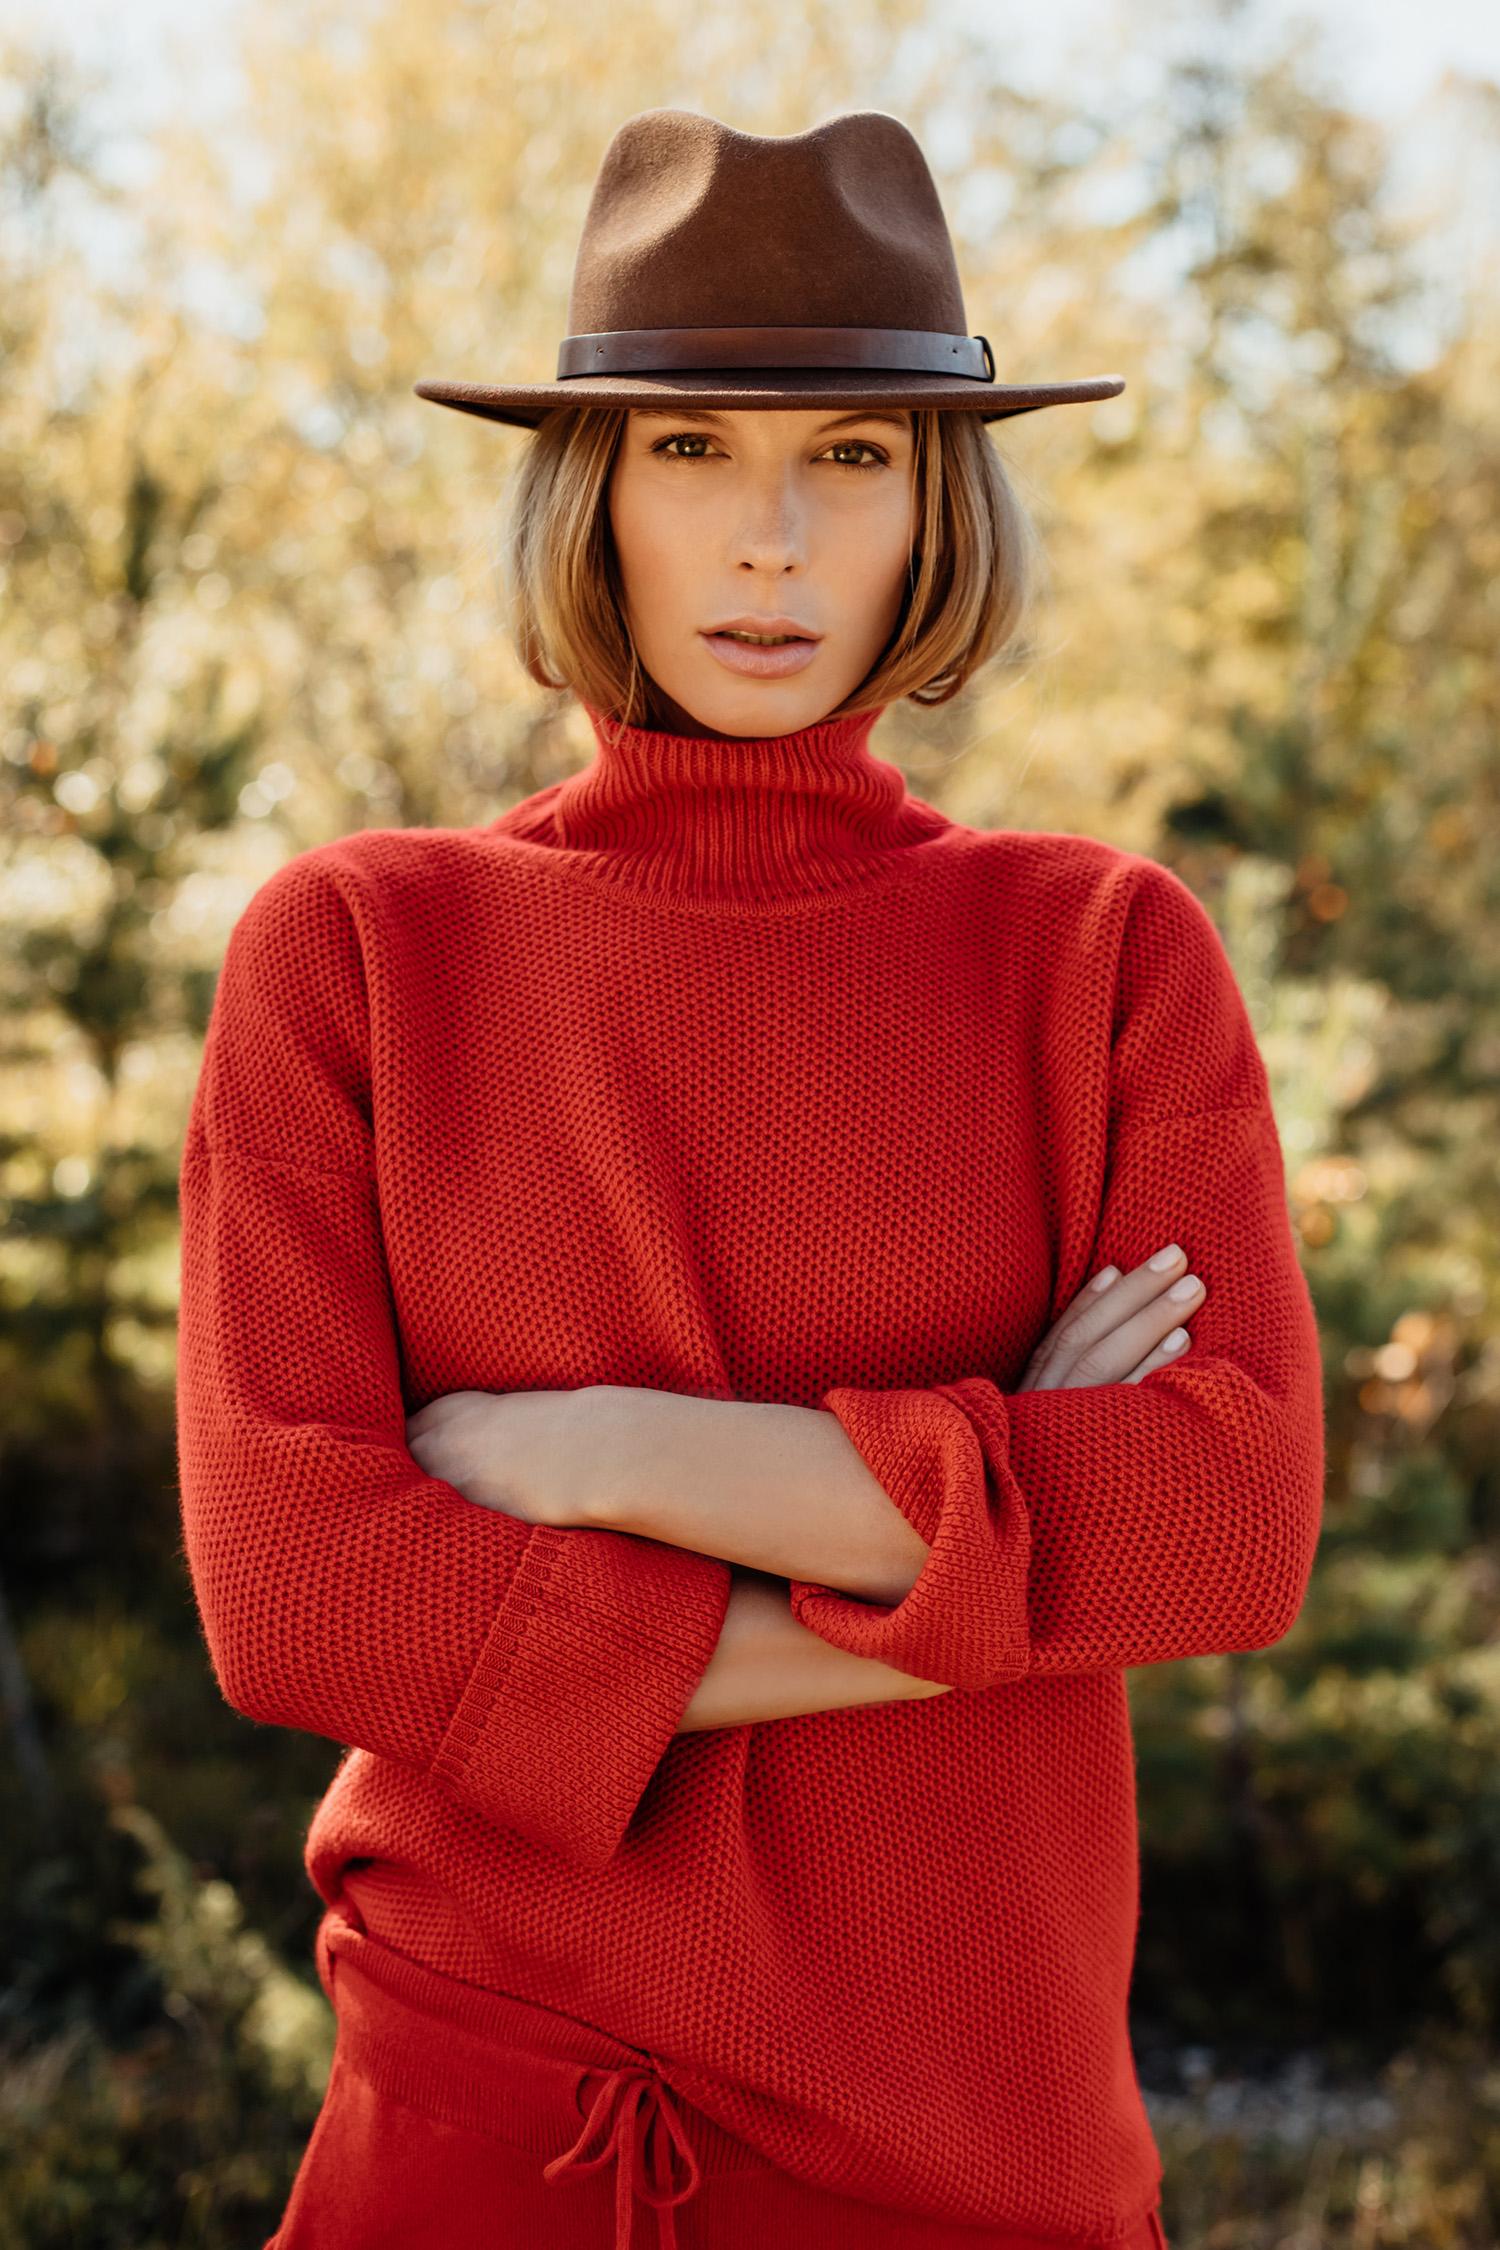 Fotograf-Fashion-Lifestyle-Anna-Fichtner-Einbaum-Fotografen-Agentur-Berlin-R1